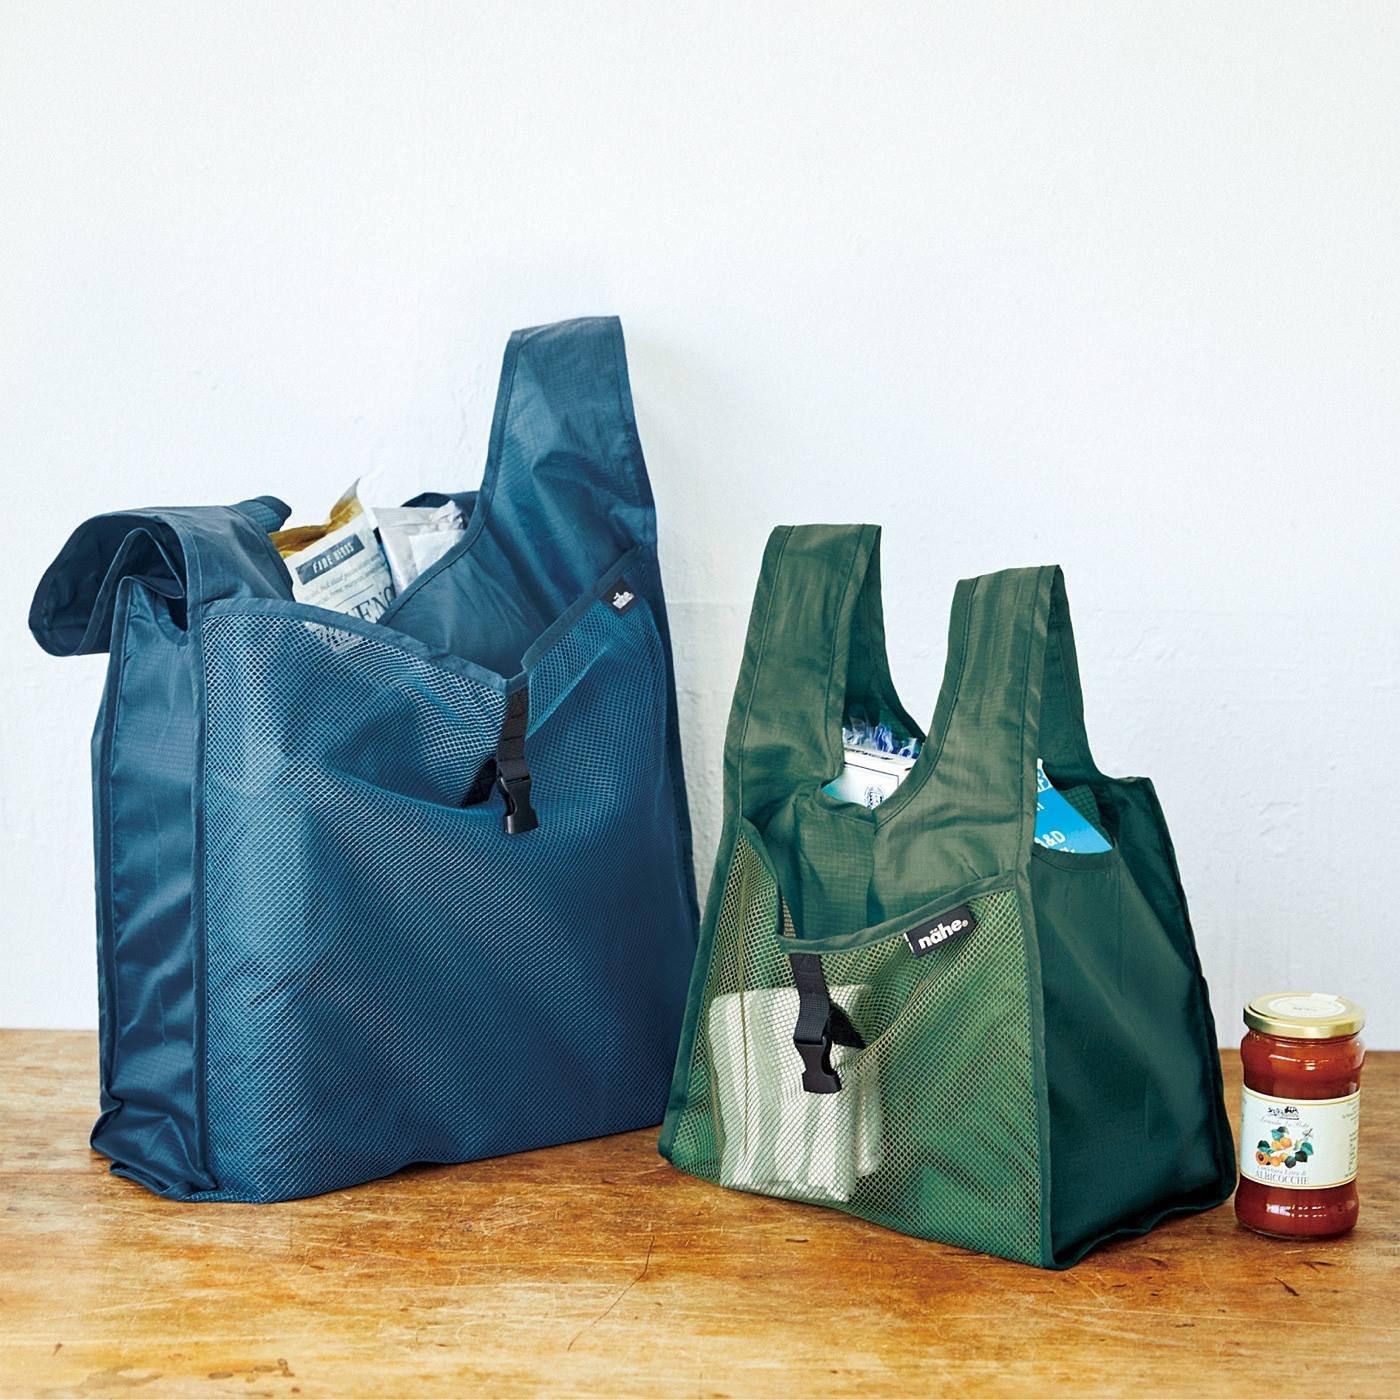 たっぷりのお買い物も 少量のお買い物にも カスタムに対応! まち付き親子エコバッグの会